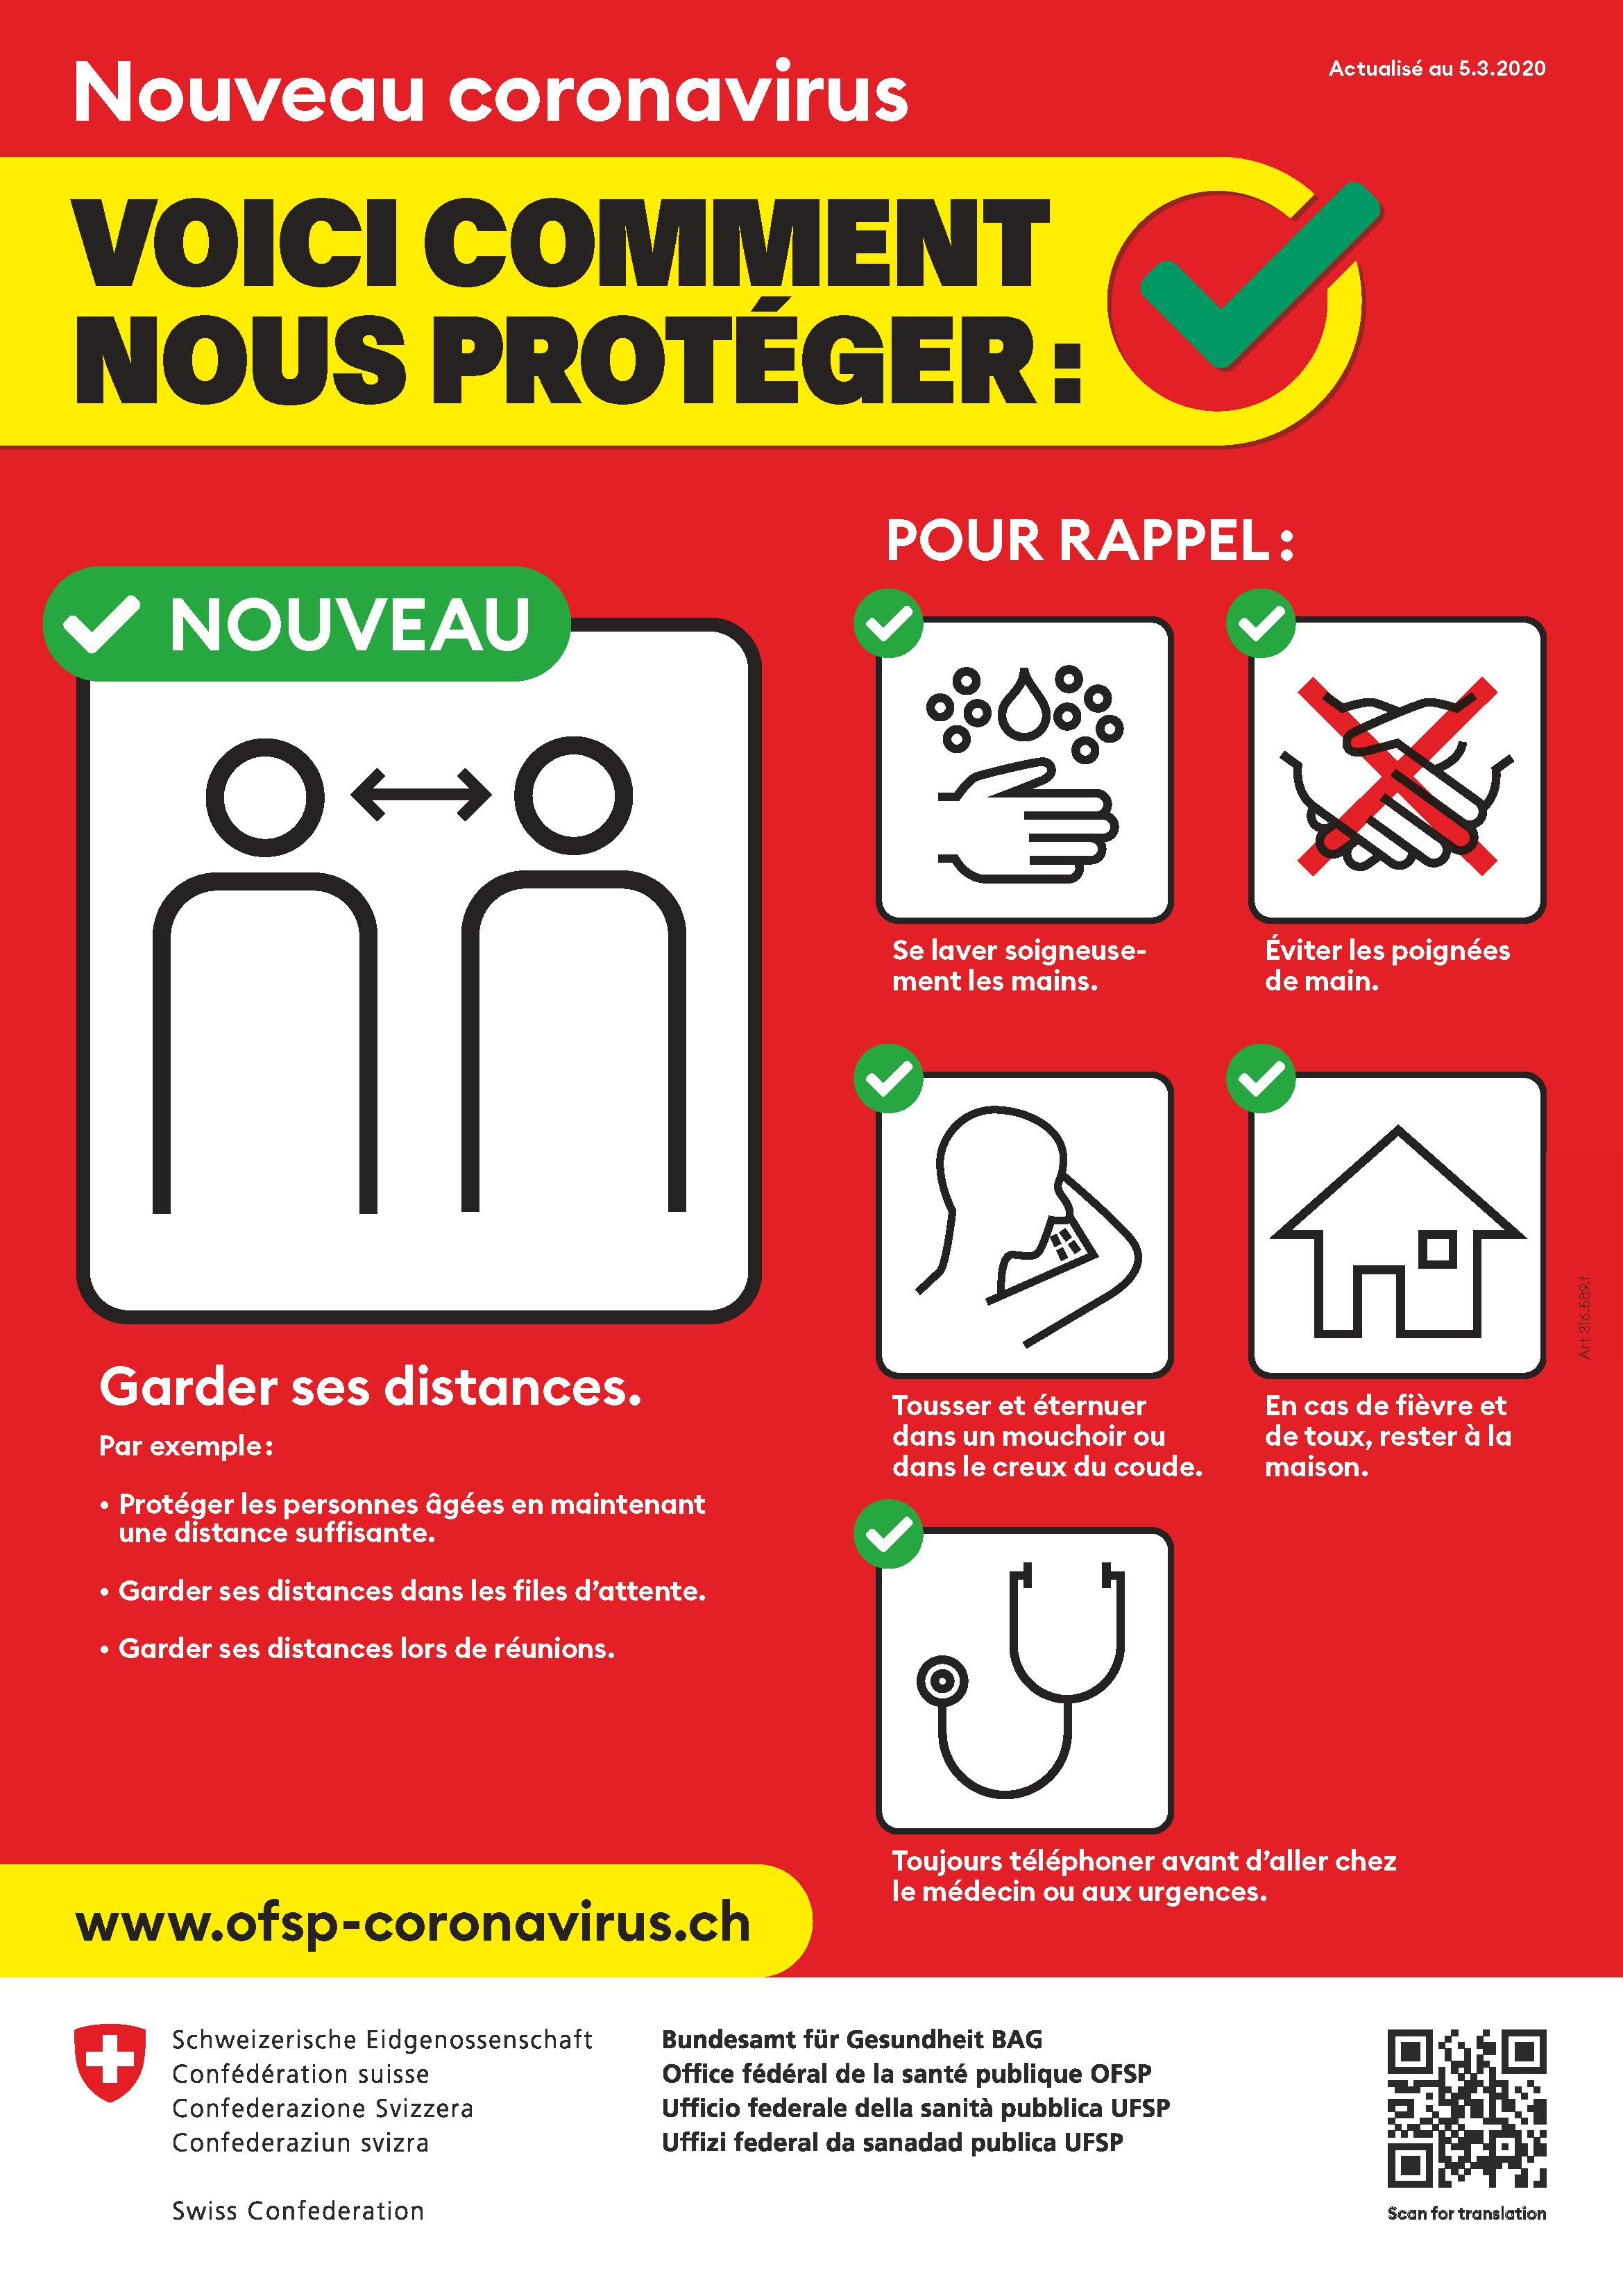 affiche_nouveau_coronavirus_voici_comment_nous_proteger.png